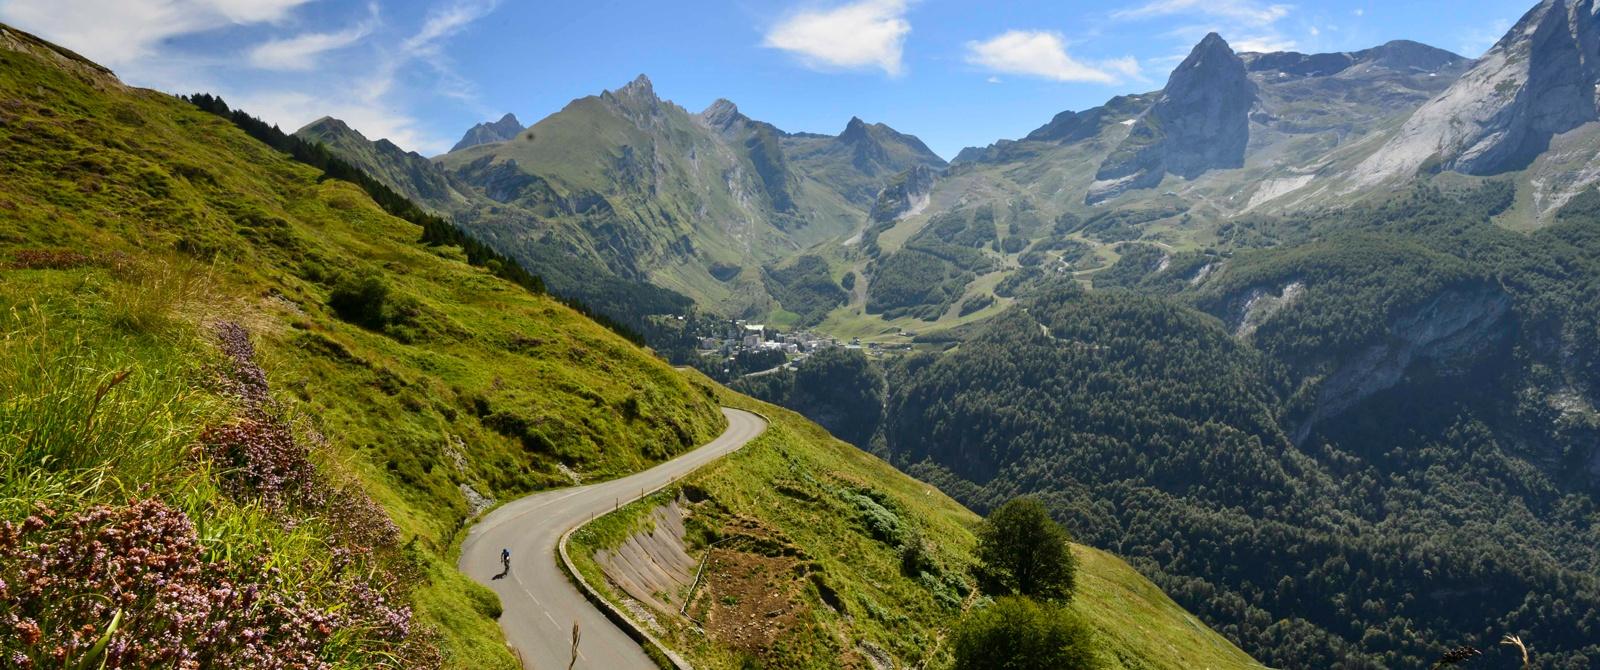 ski map trois vallees top trans sicilia